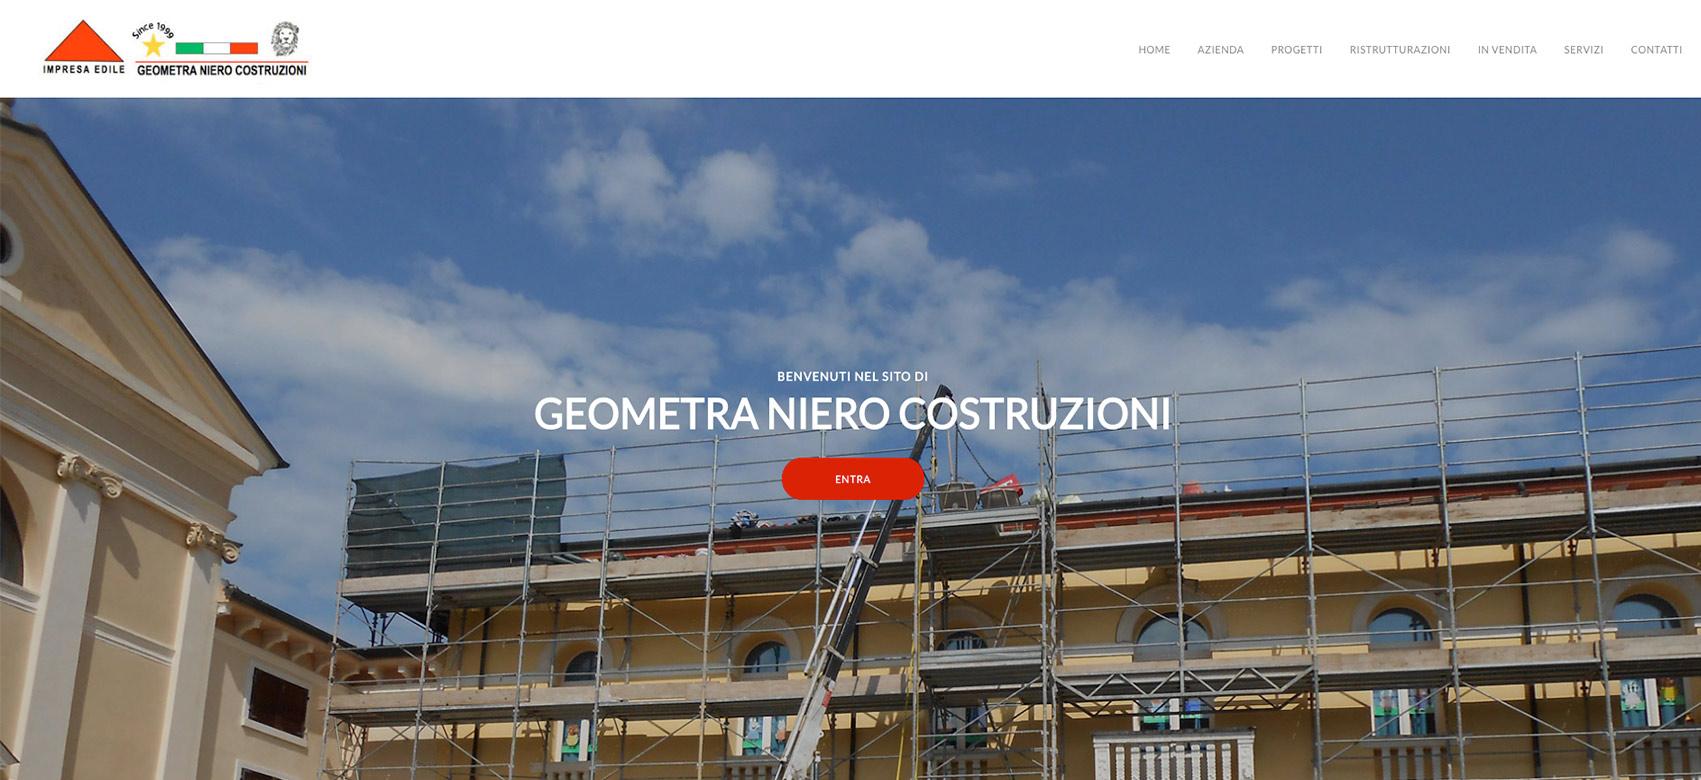 Geometra Niero Costruzioni